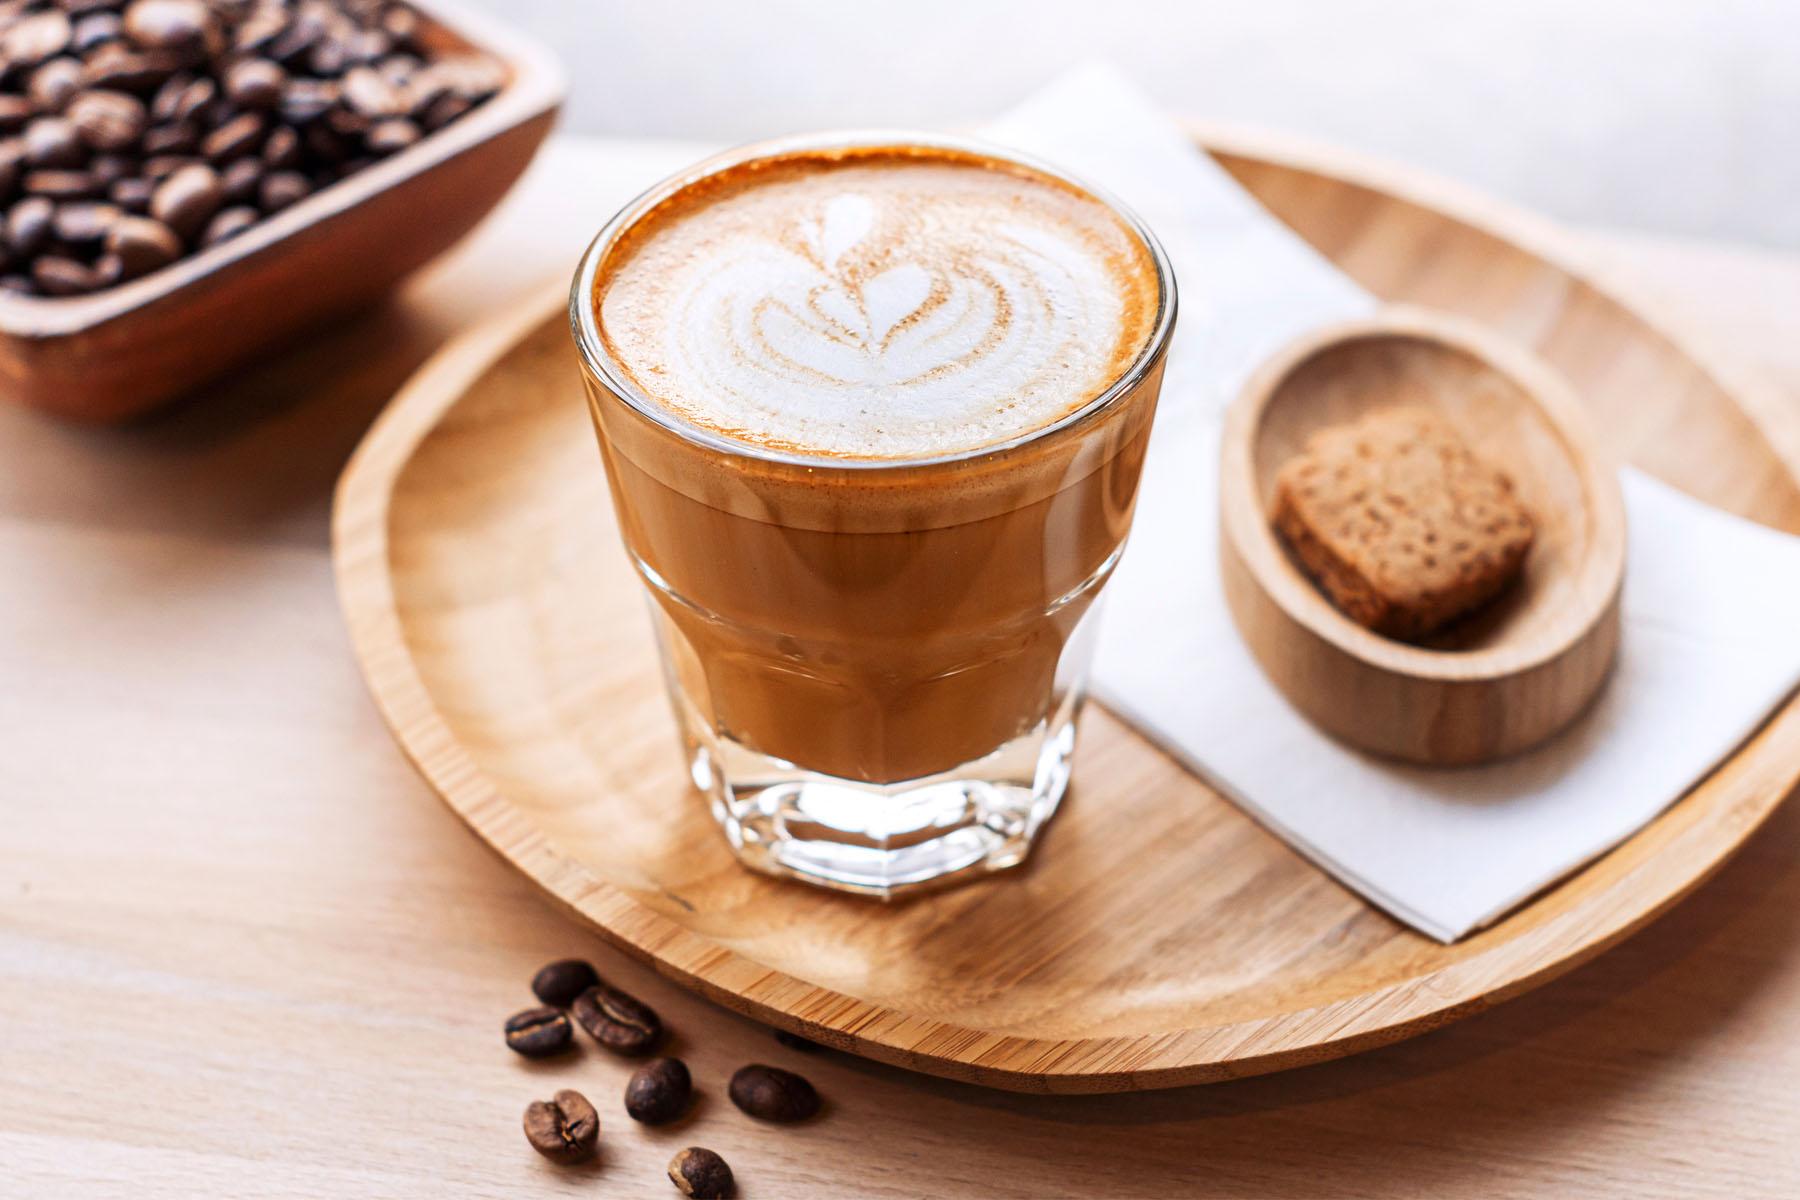 Spanish drinks: cafe cortado